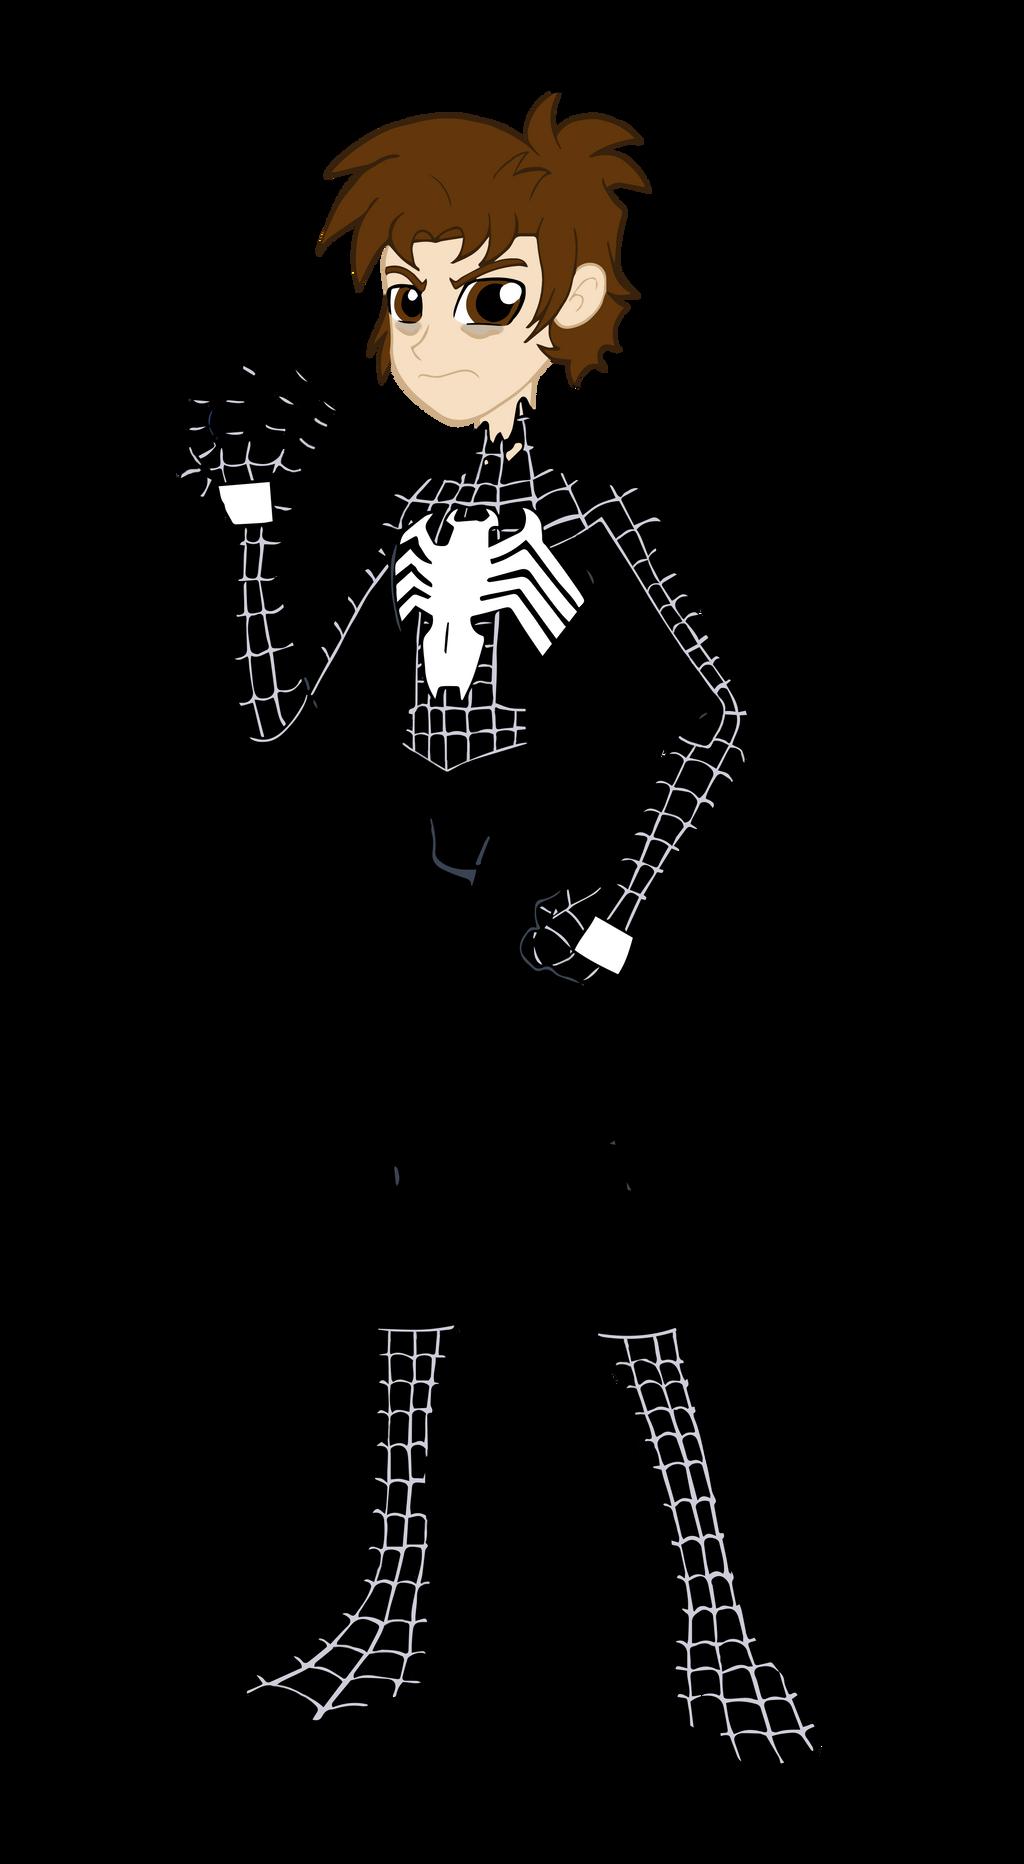 spider man favourites by dinosuarjosh on deviantart